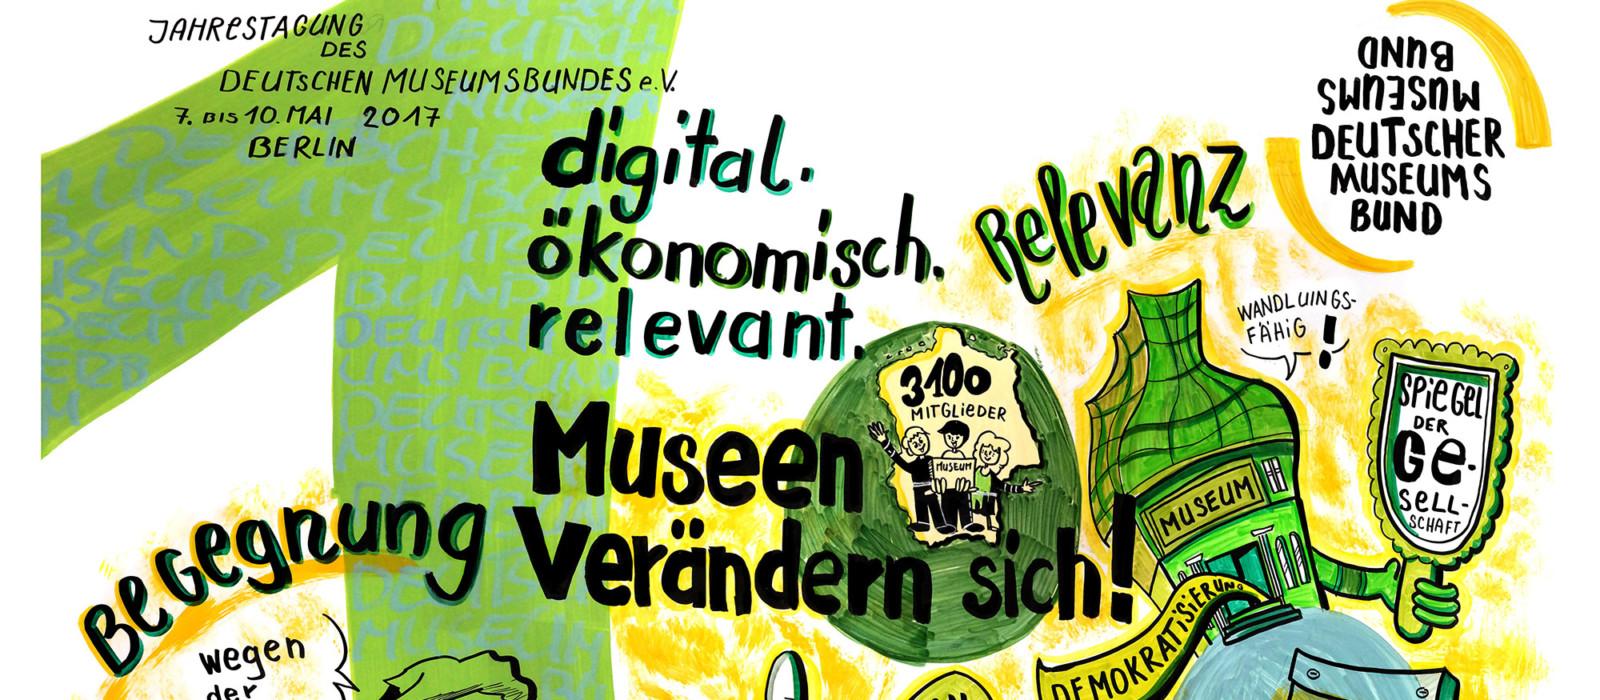 """Graphische Darstellung des Tagungstitels """"digital. ökonomisch. relevant. Museen verändern sich!"""" der Jahrestagung des DMB 2017."""